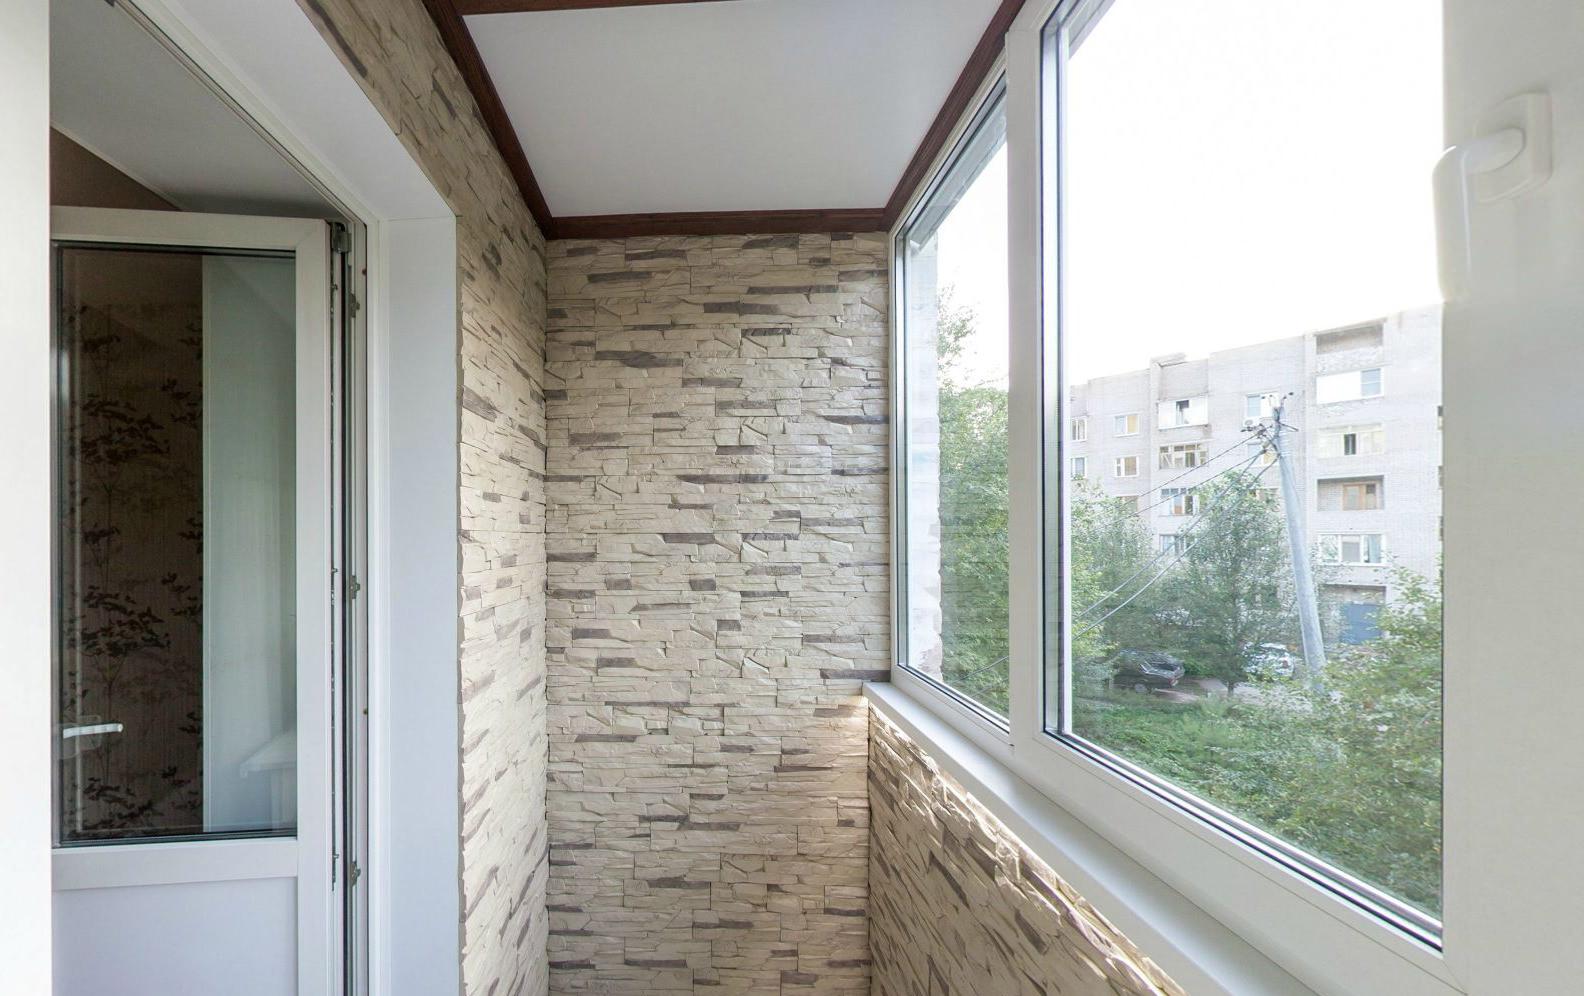 Бежево-серый декоративный камень в отделке балкона